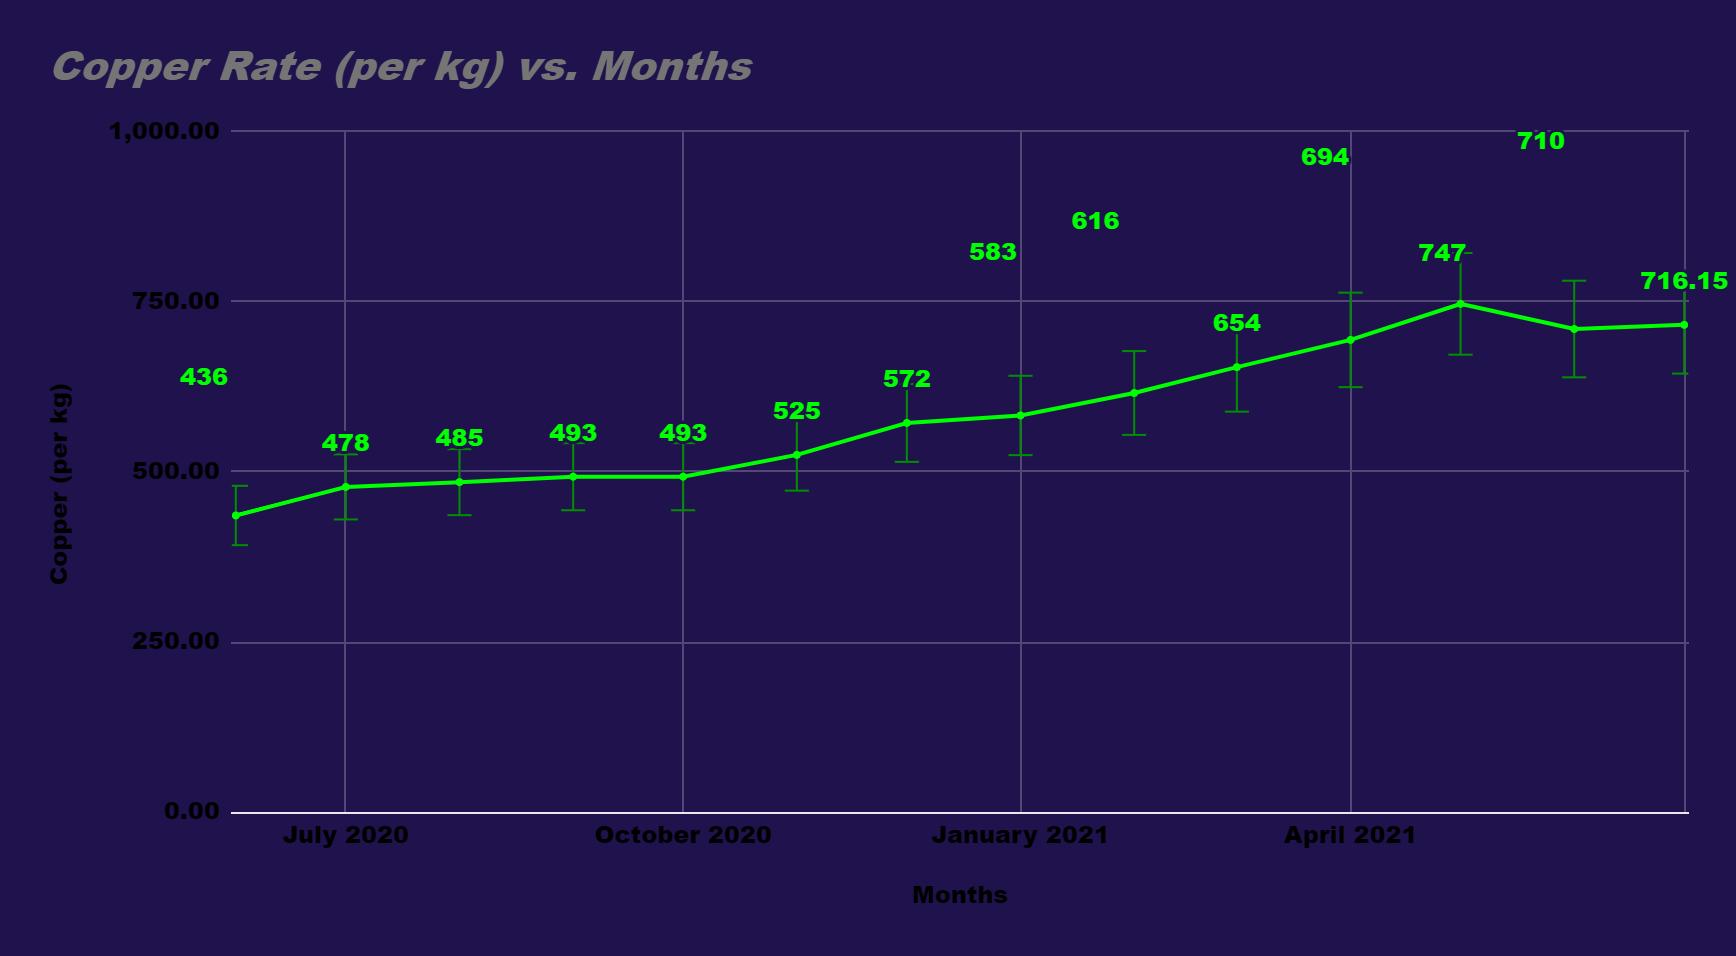 Copper rate (per kg) vs Months